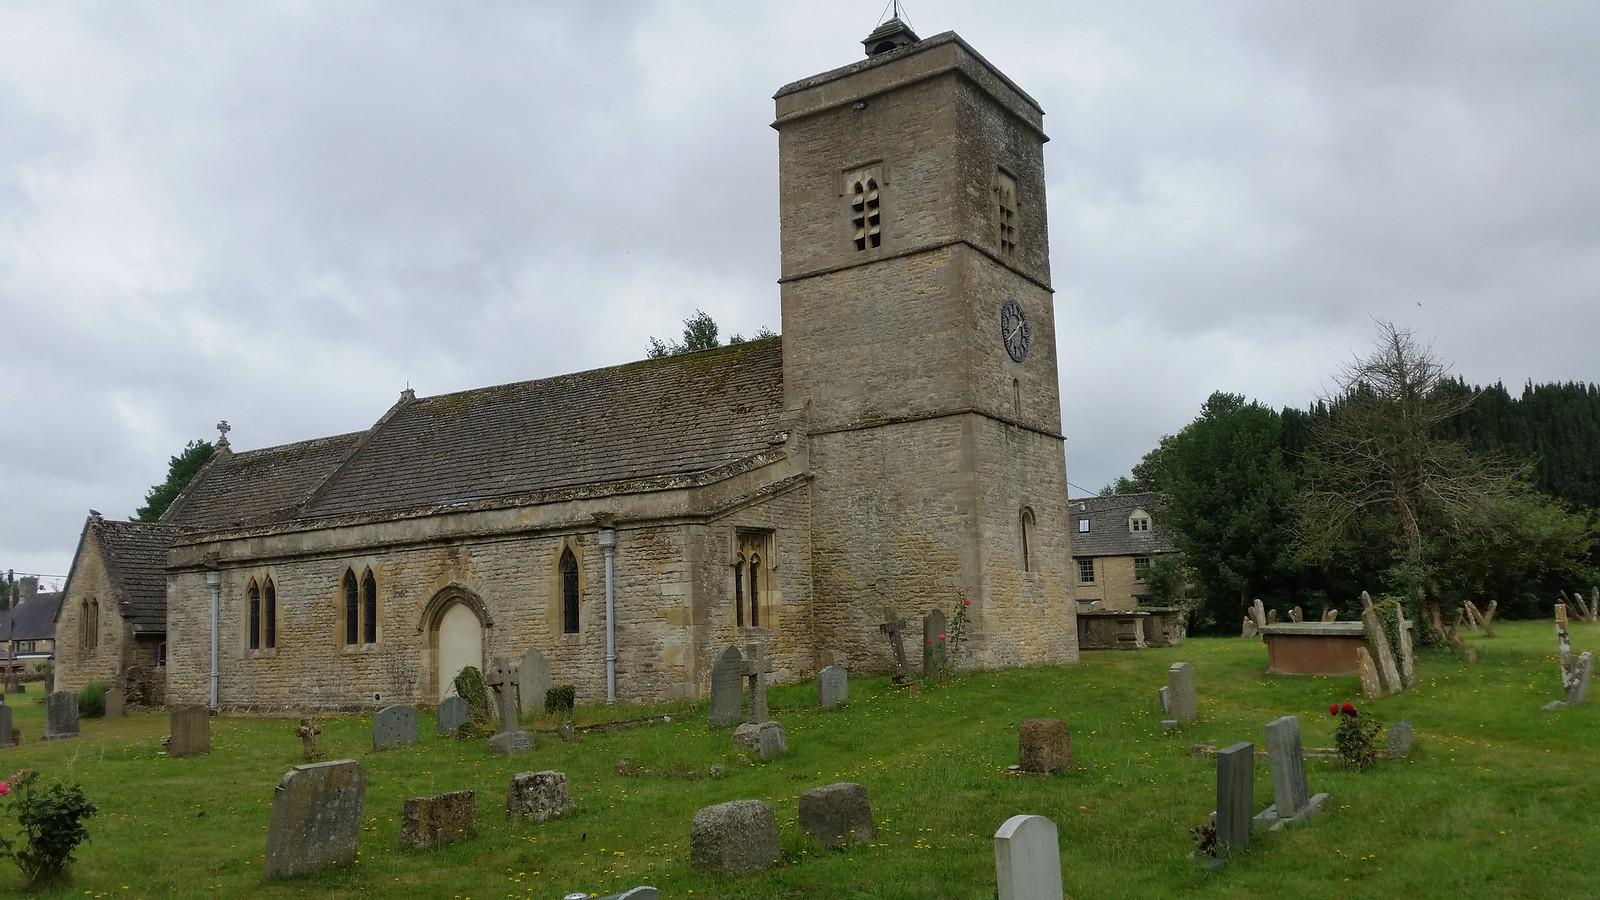 7. Holy Trinity Church at Ascott